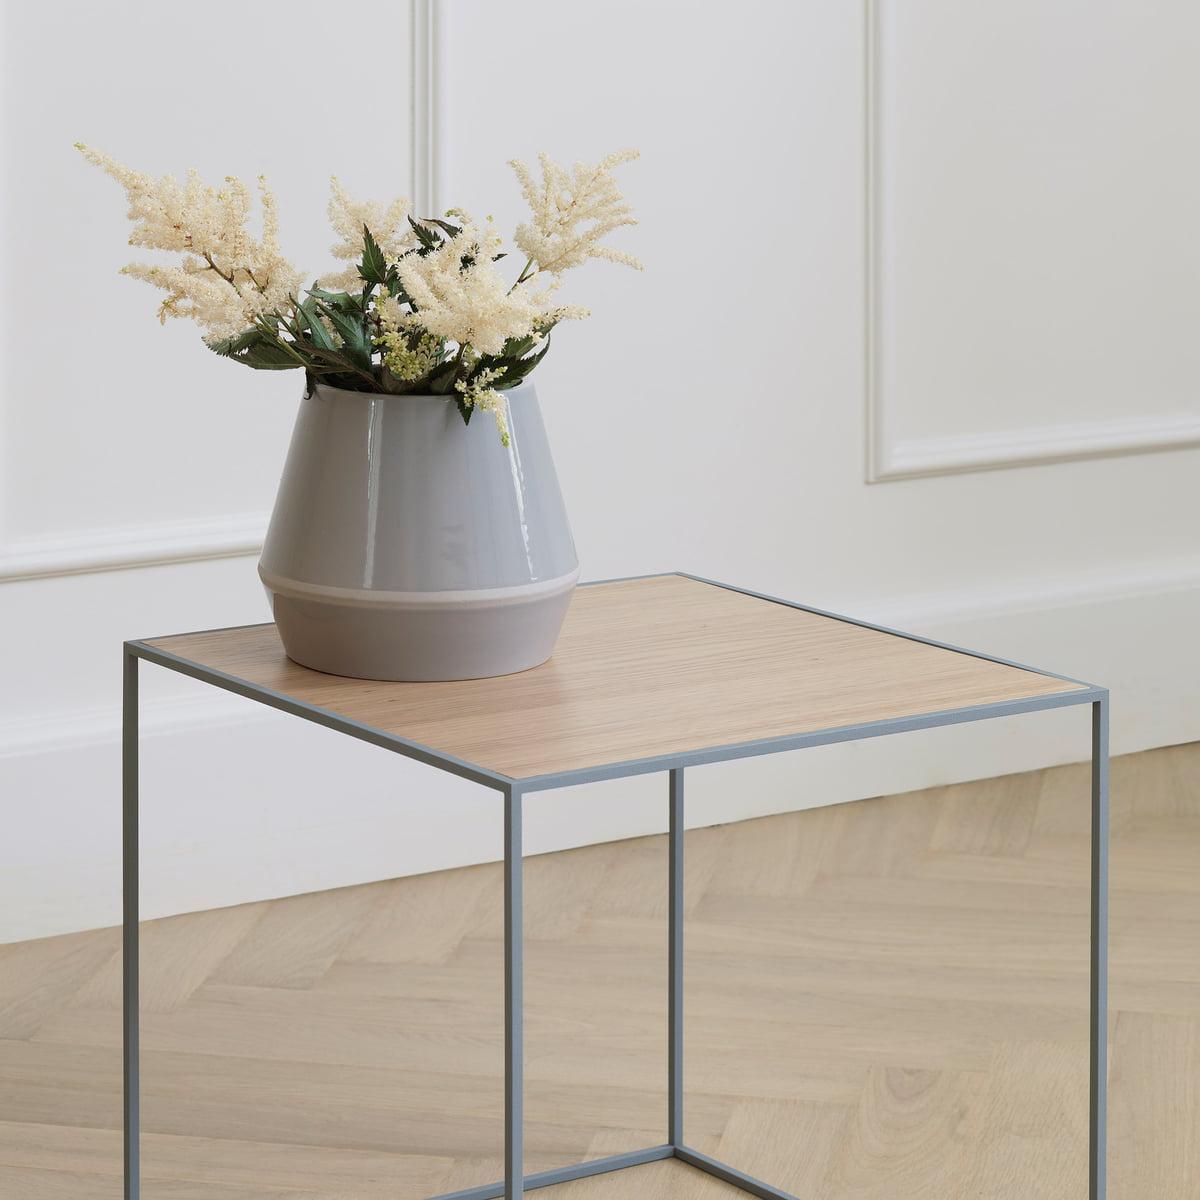 Rimm Vase + Twin Side Table By Lassen